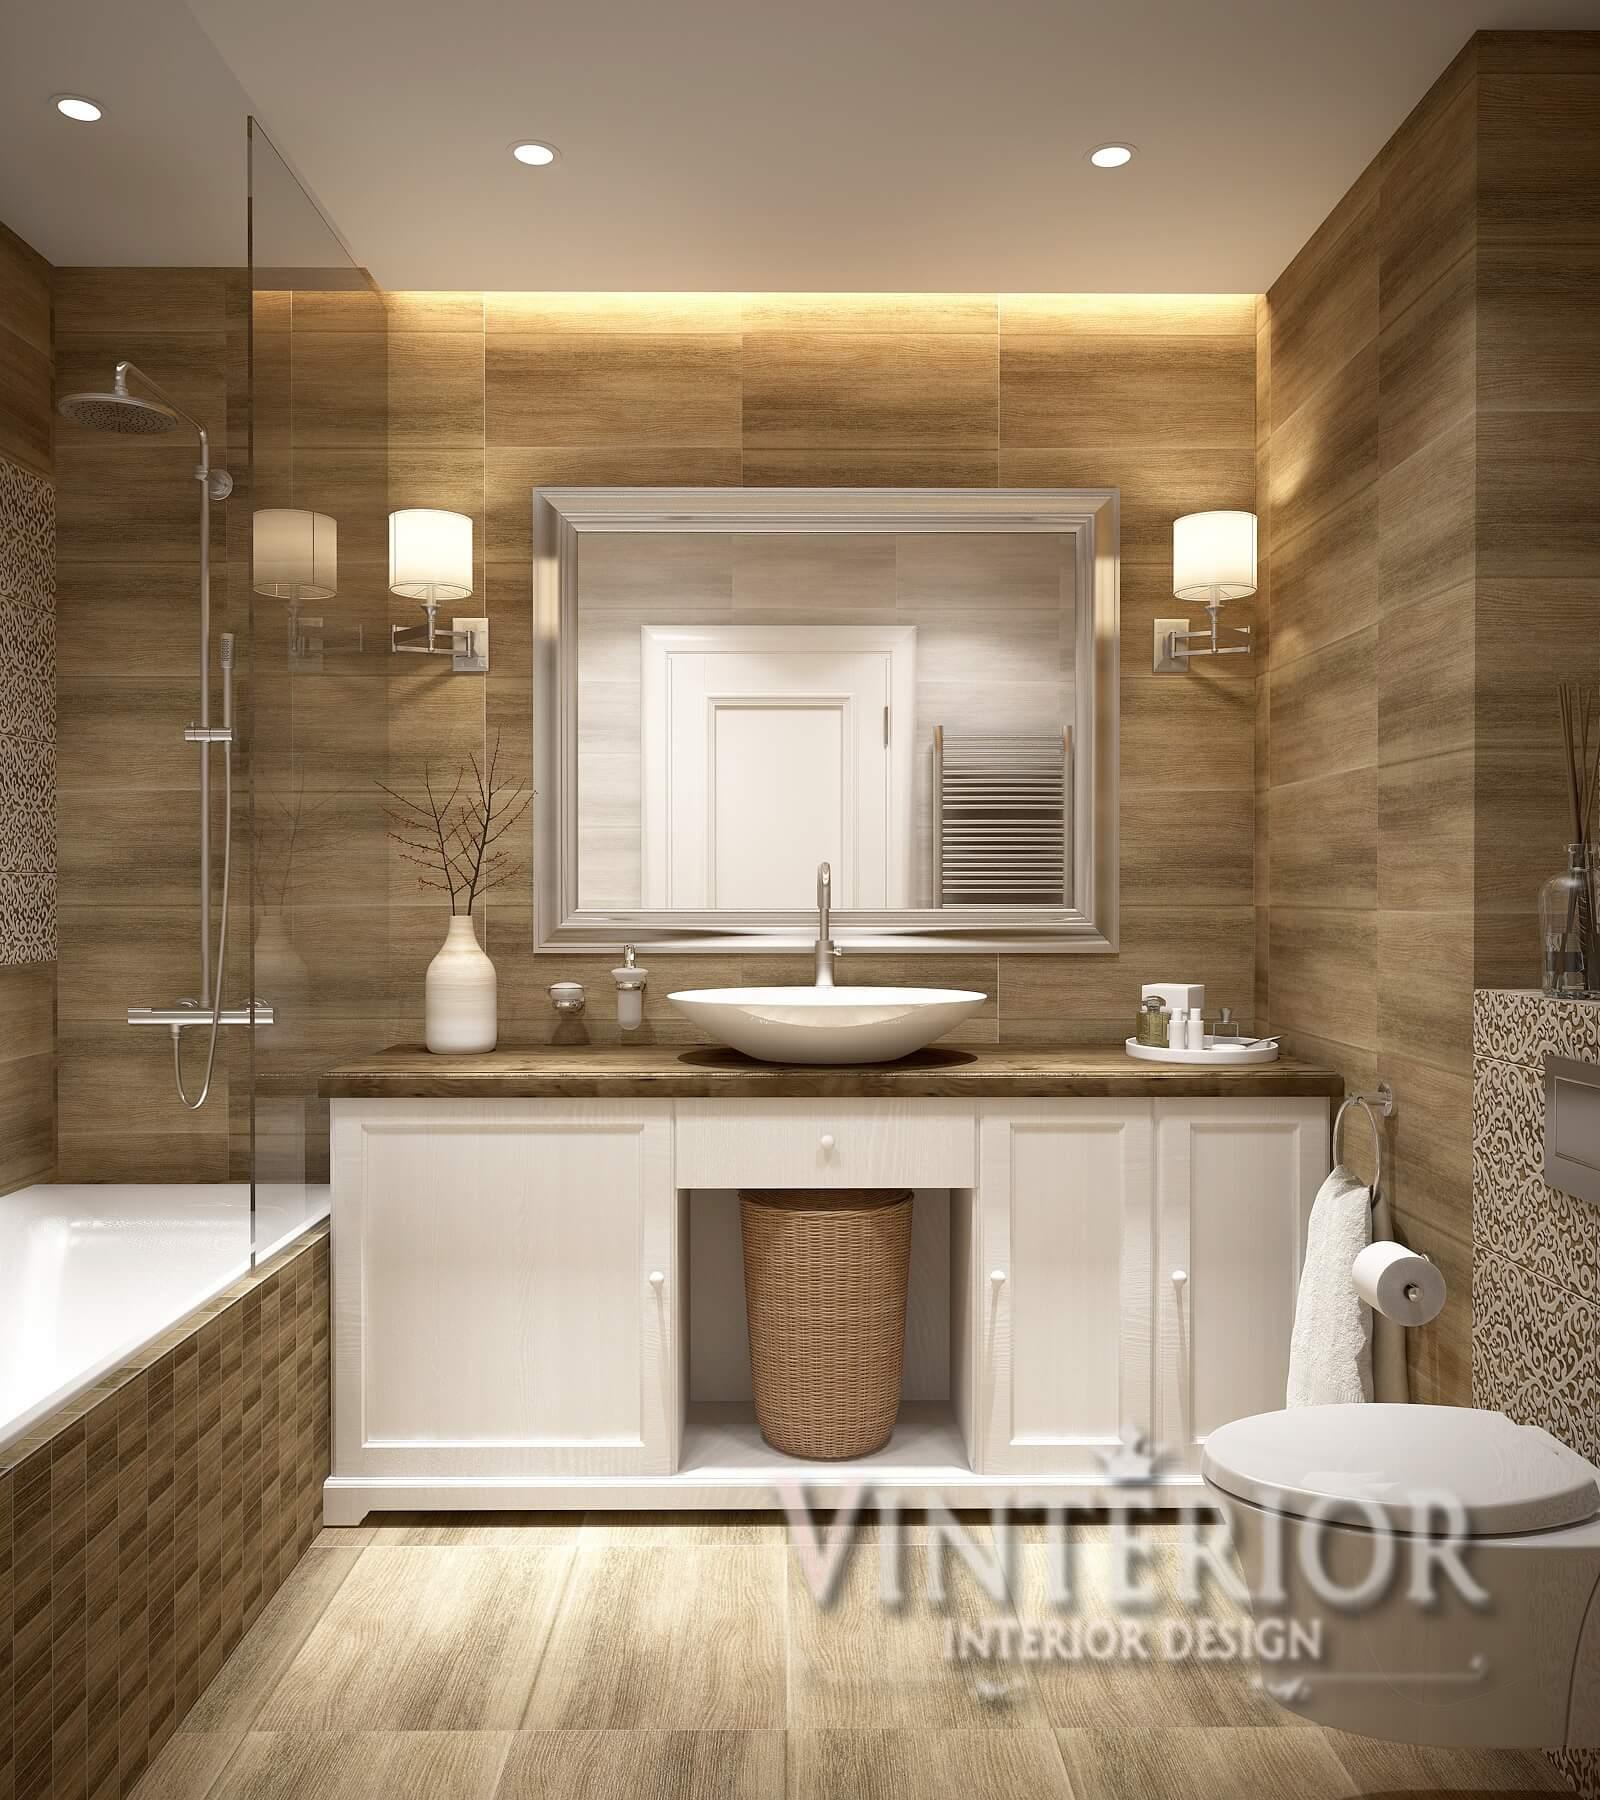 Квартира 1-комнатная, Ванная (современный стиль и классика), г. Киев